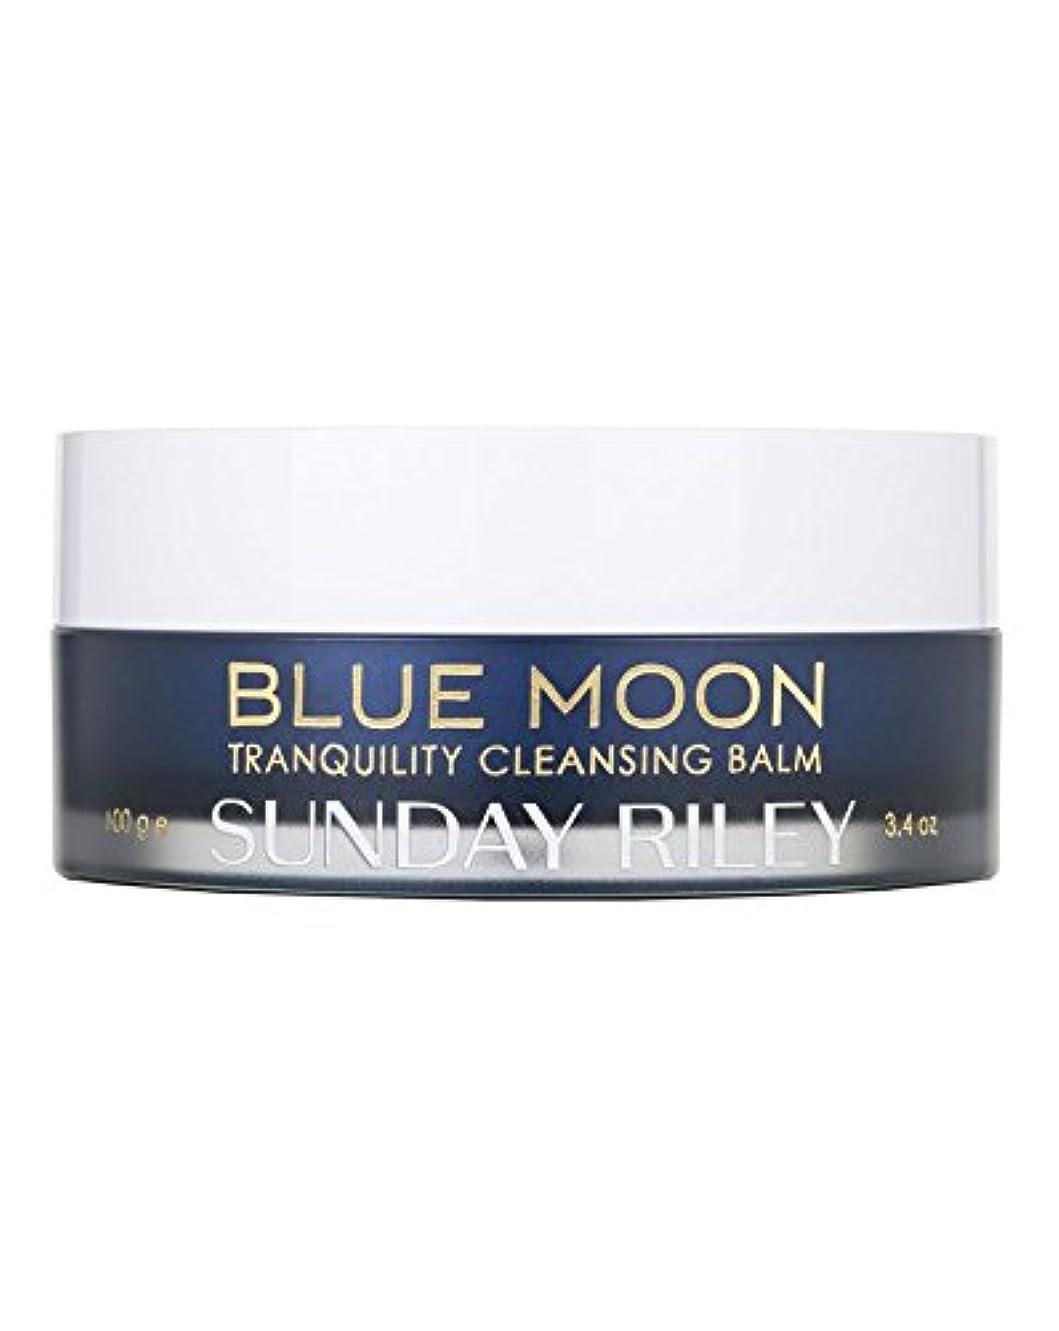 ドラゴン旅行者ドラゴンSunday Riley Blue Moon Tranquility Cleansing Balm 100g サンデーライリー ブルームーン クレンジングバーム